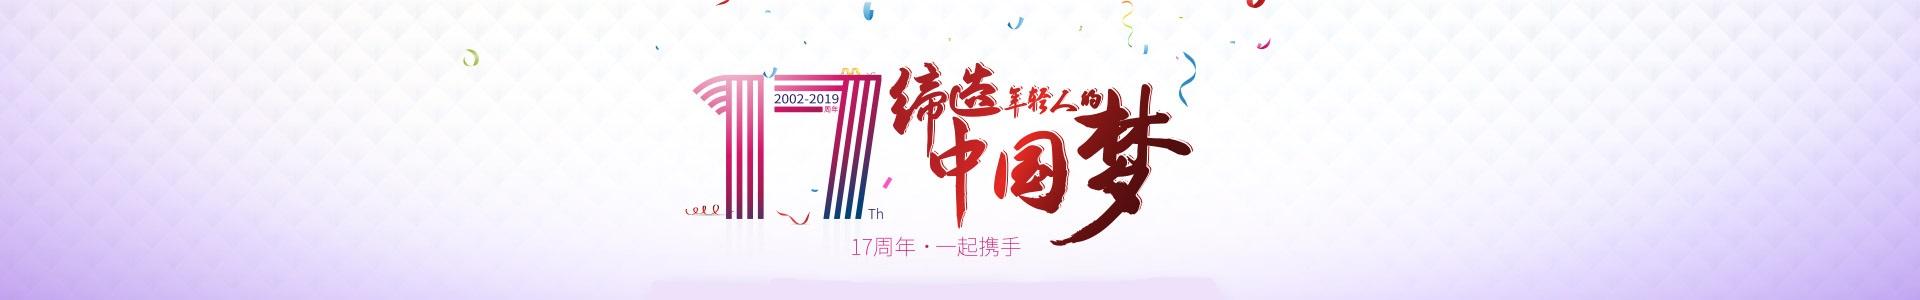 广州达内IT培训学校